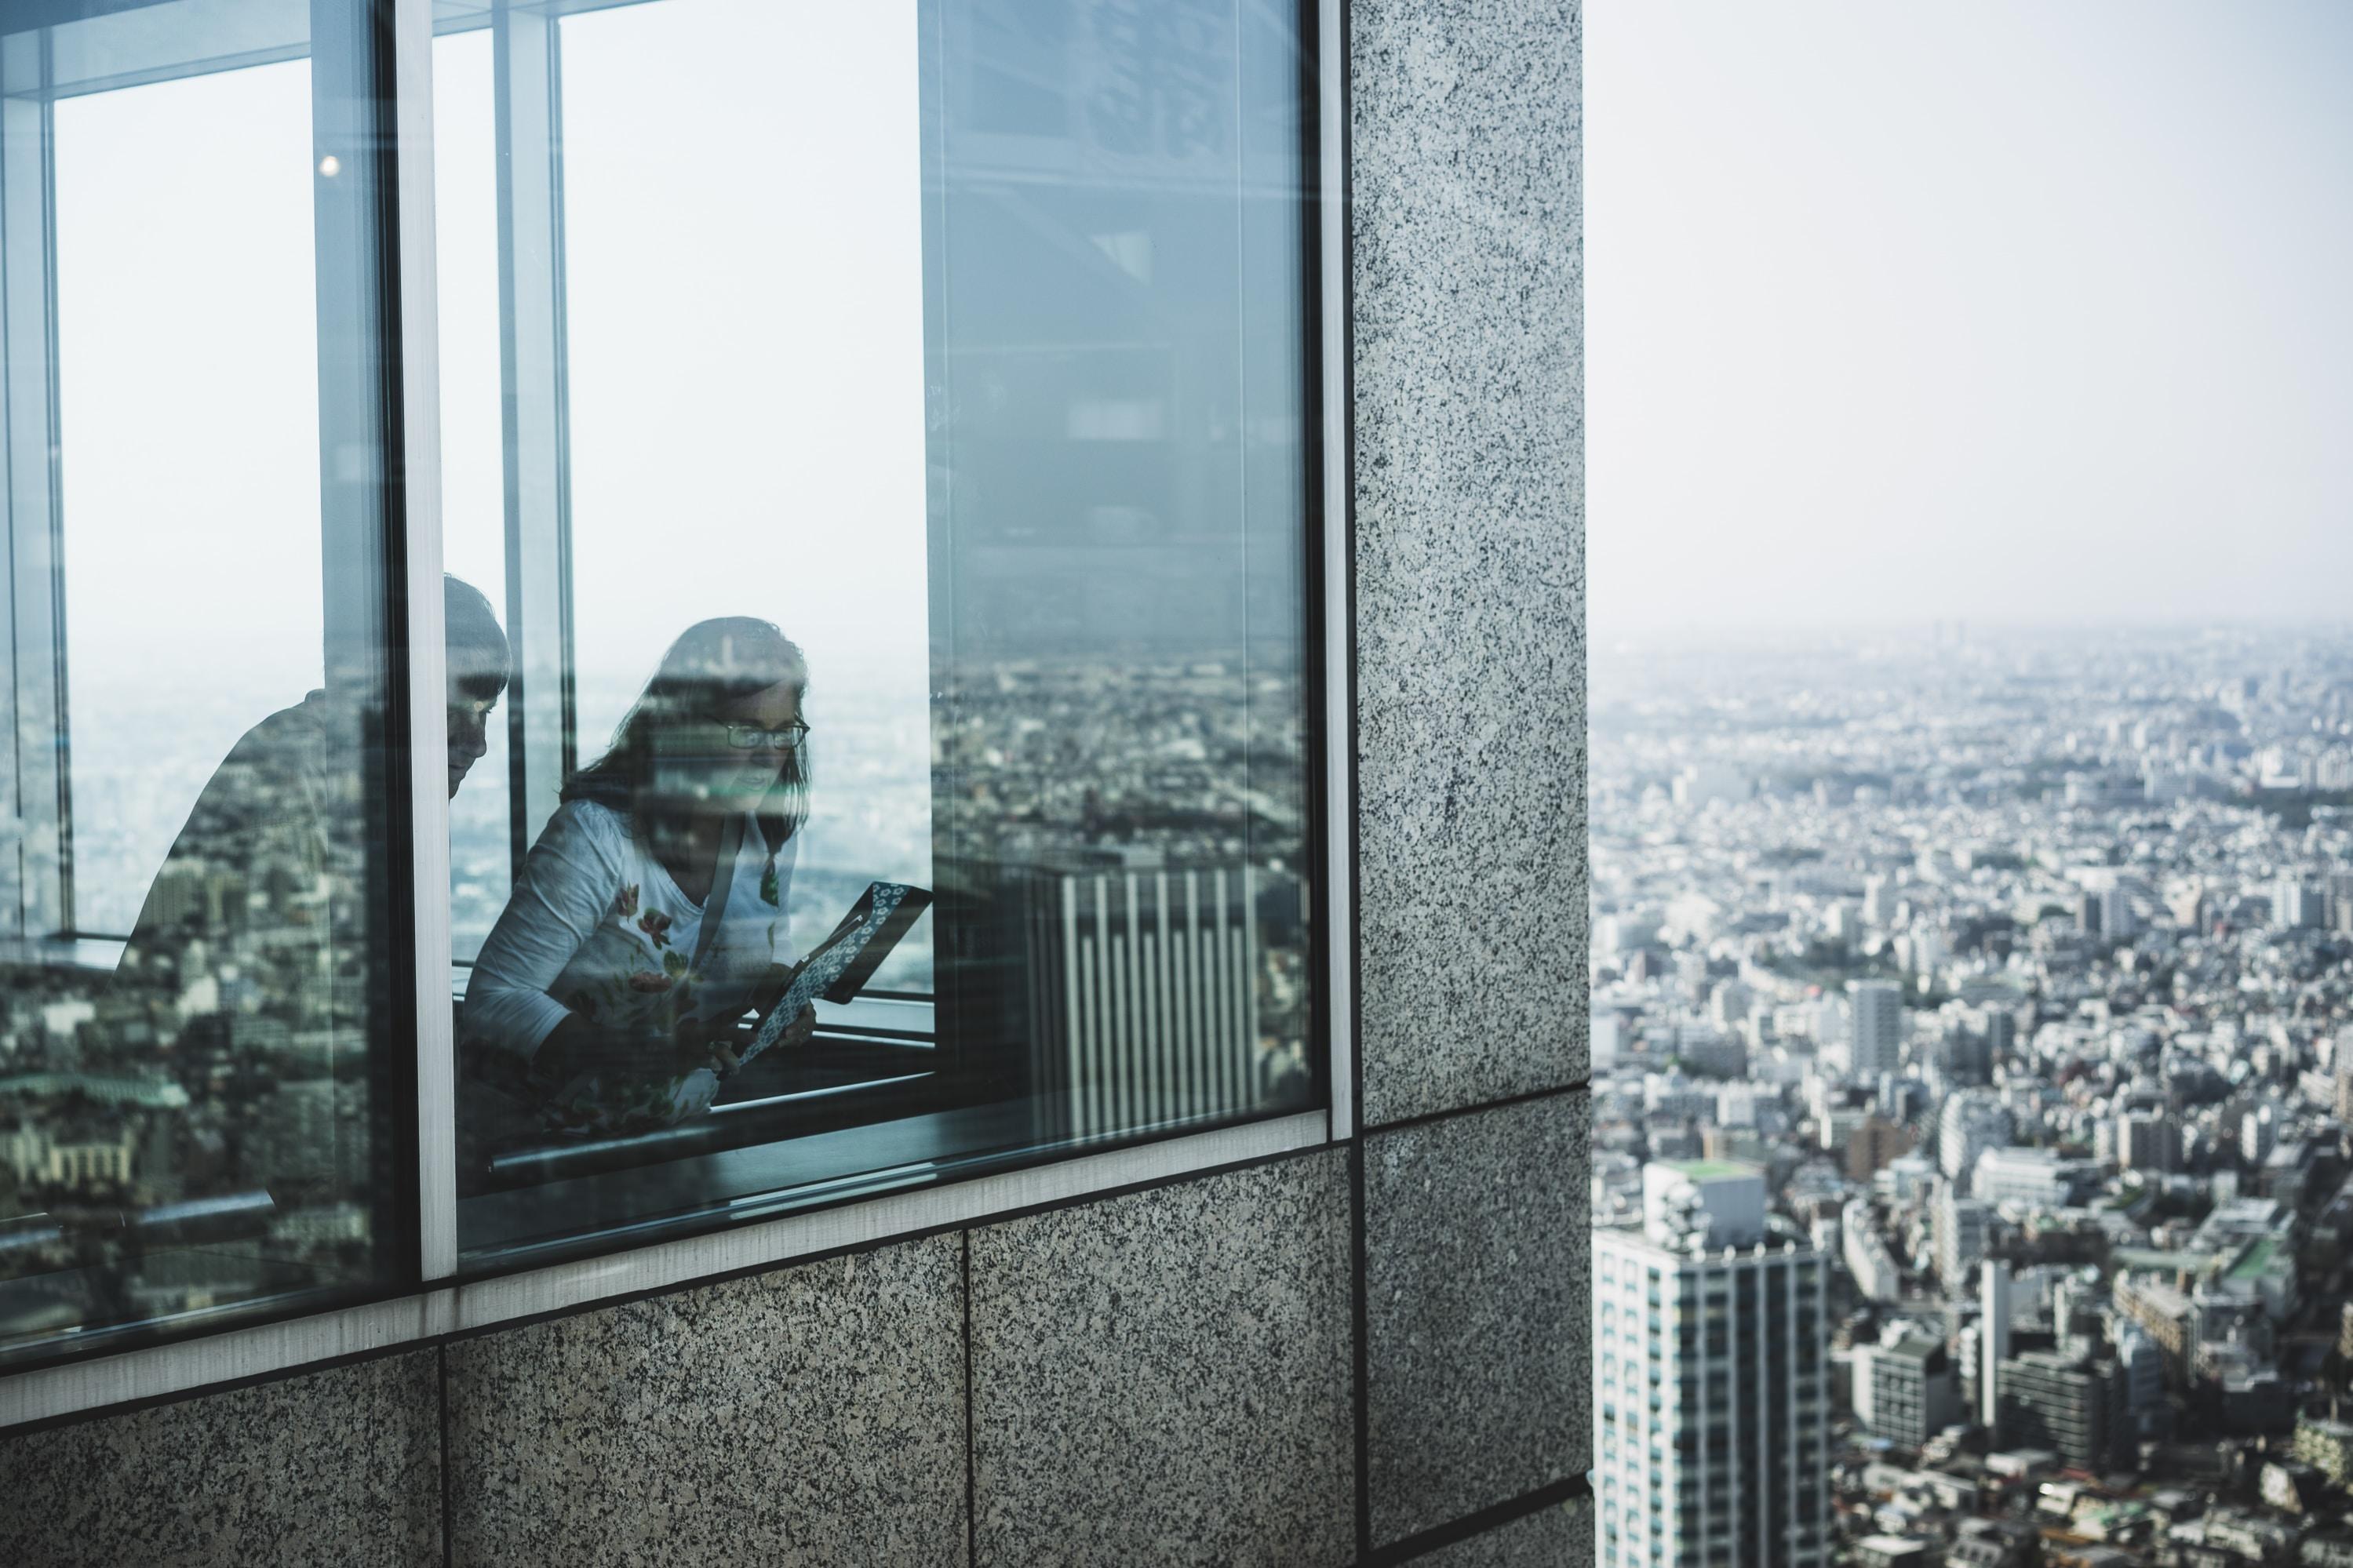 woman standing near window